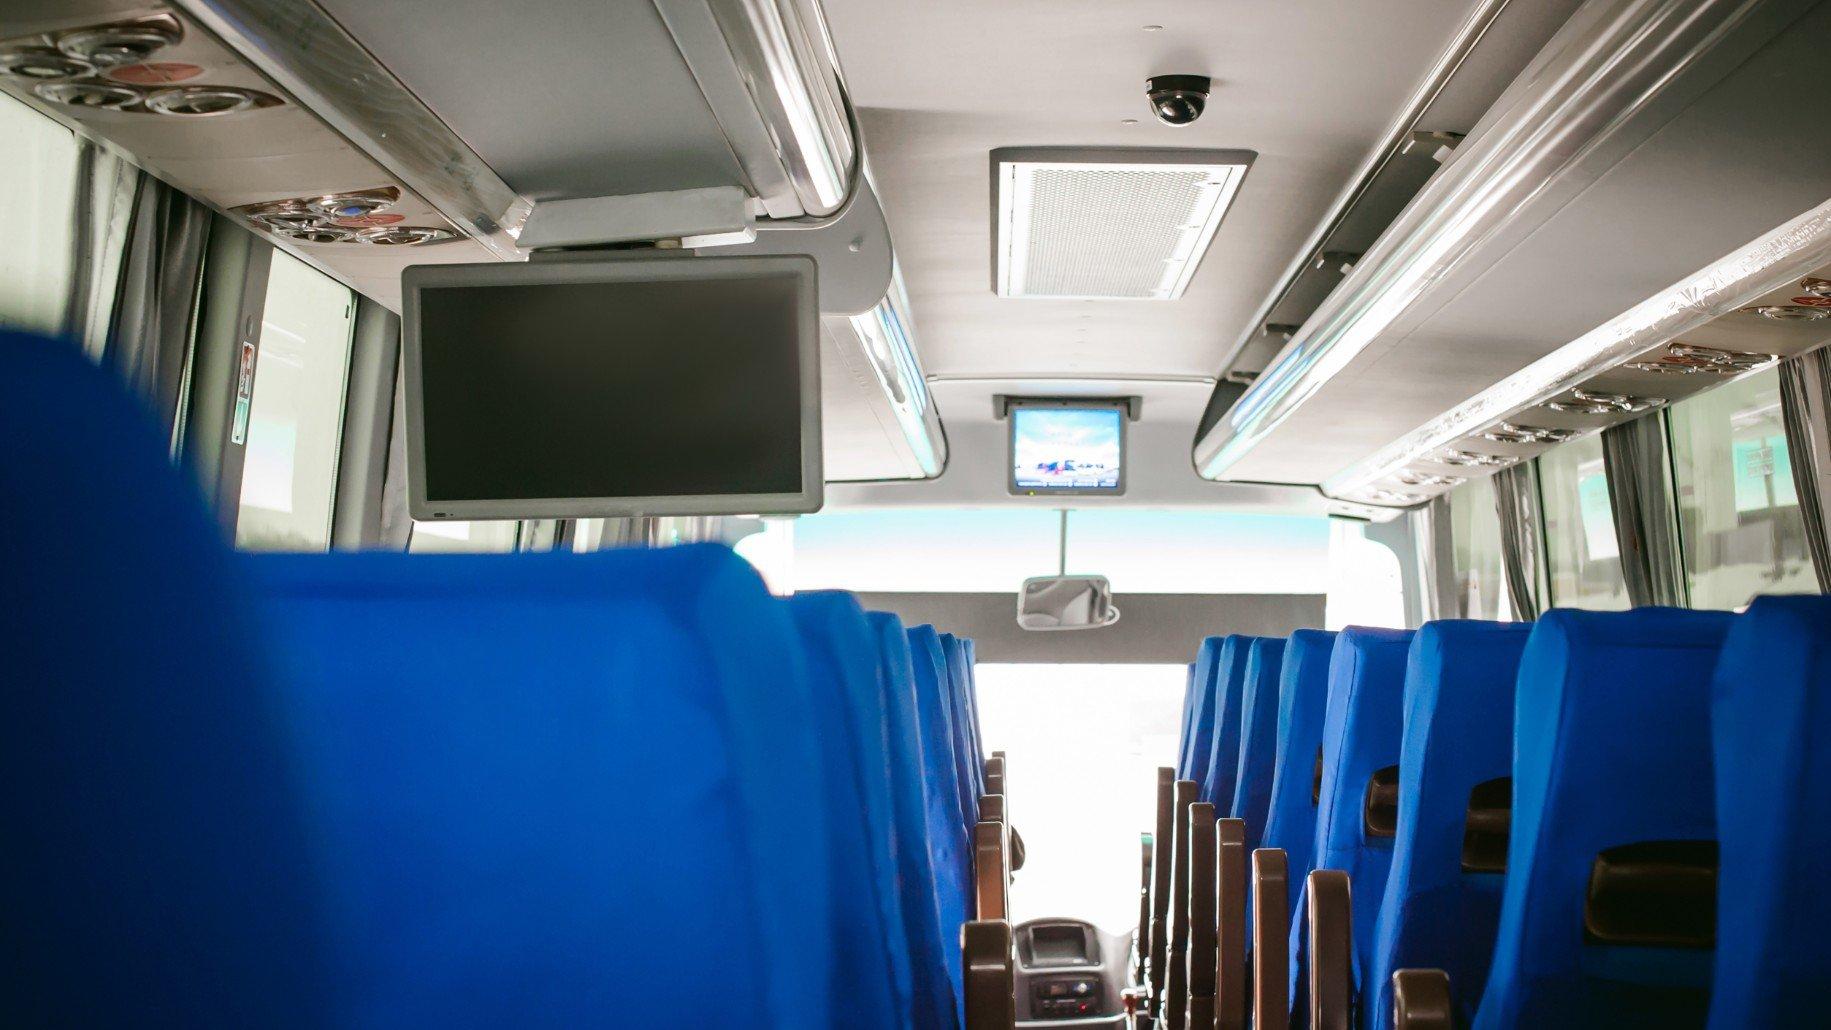 Sedili di colore blu e monitor per vedere pellicole